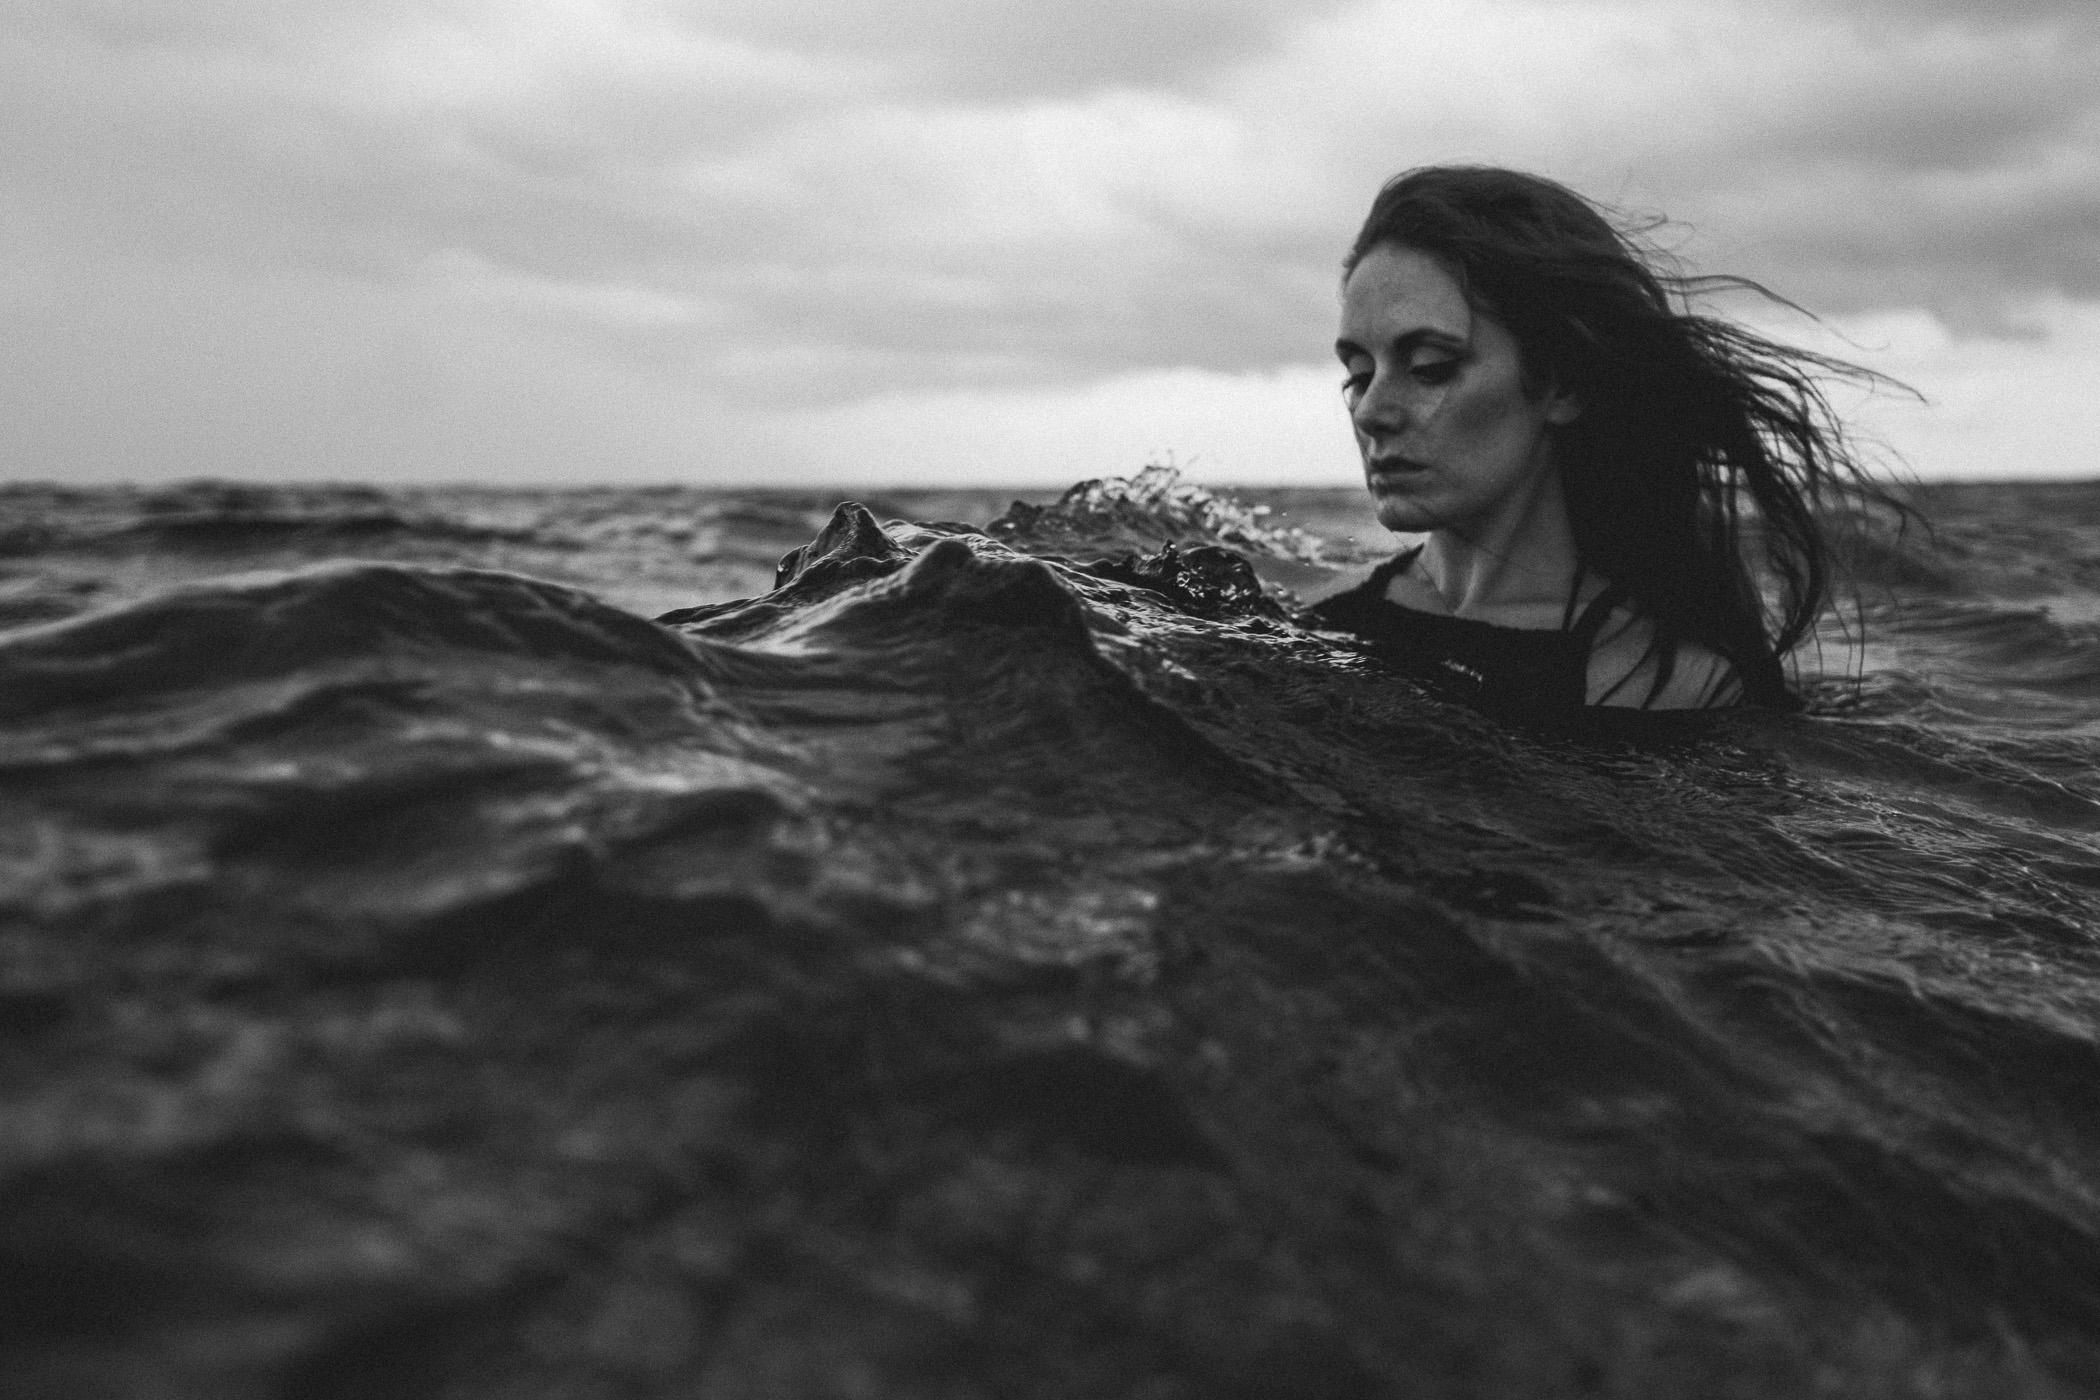 18-Pier and Waves-brandon shane warren-176.jpg